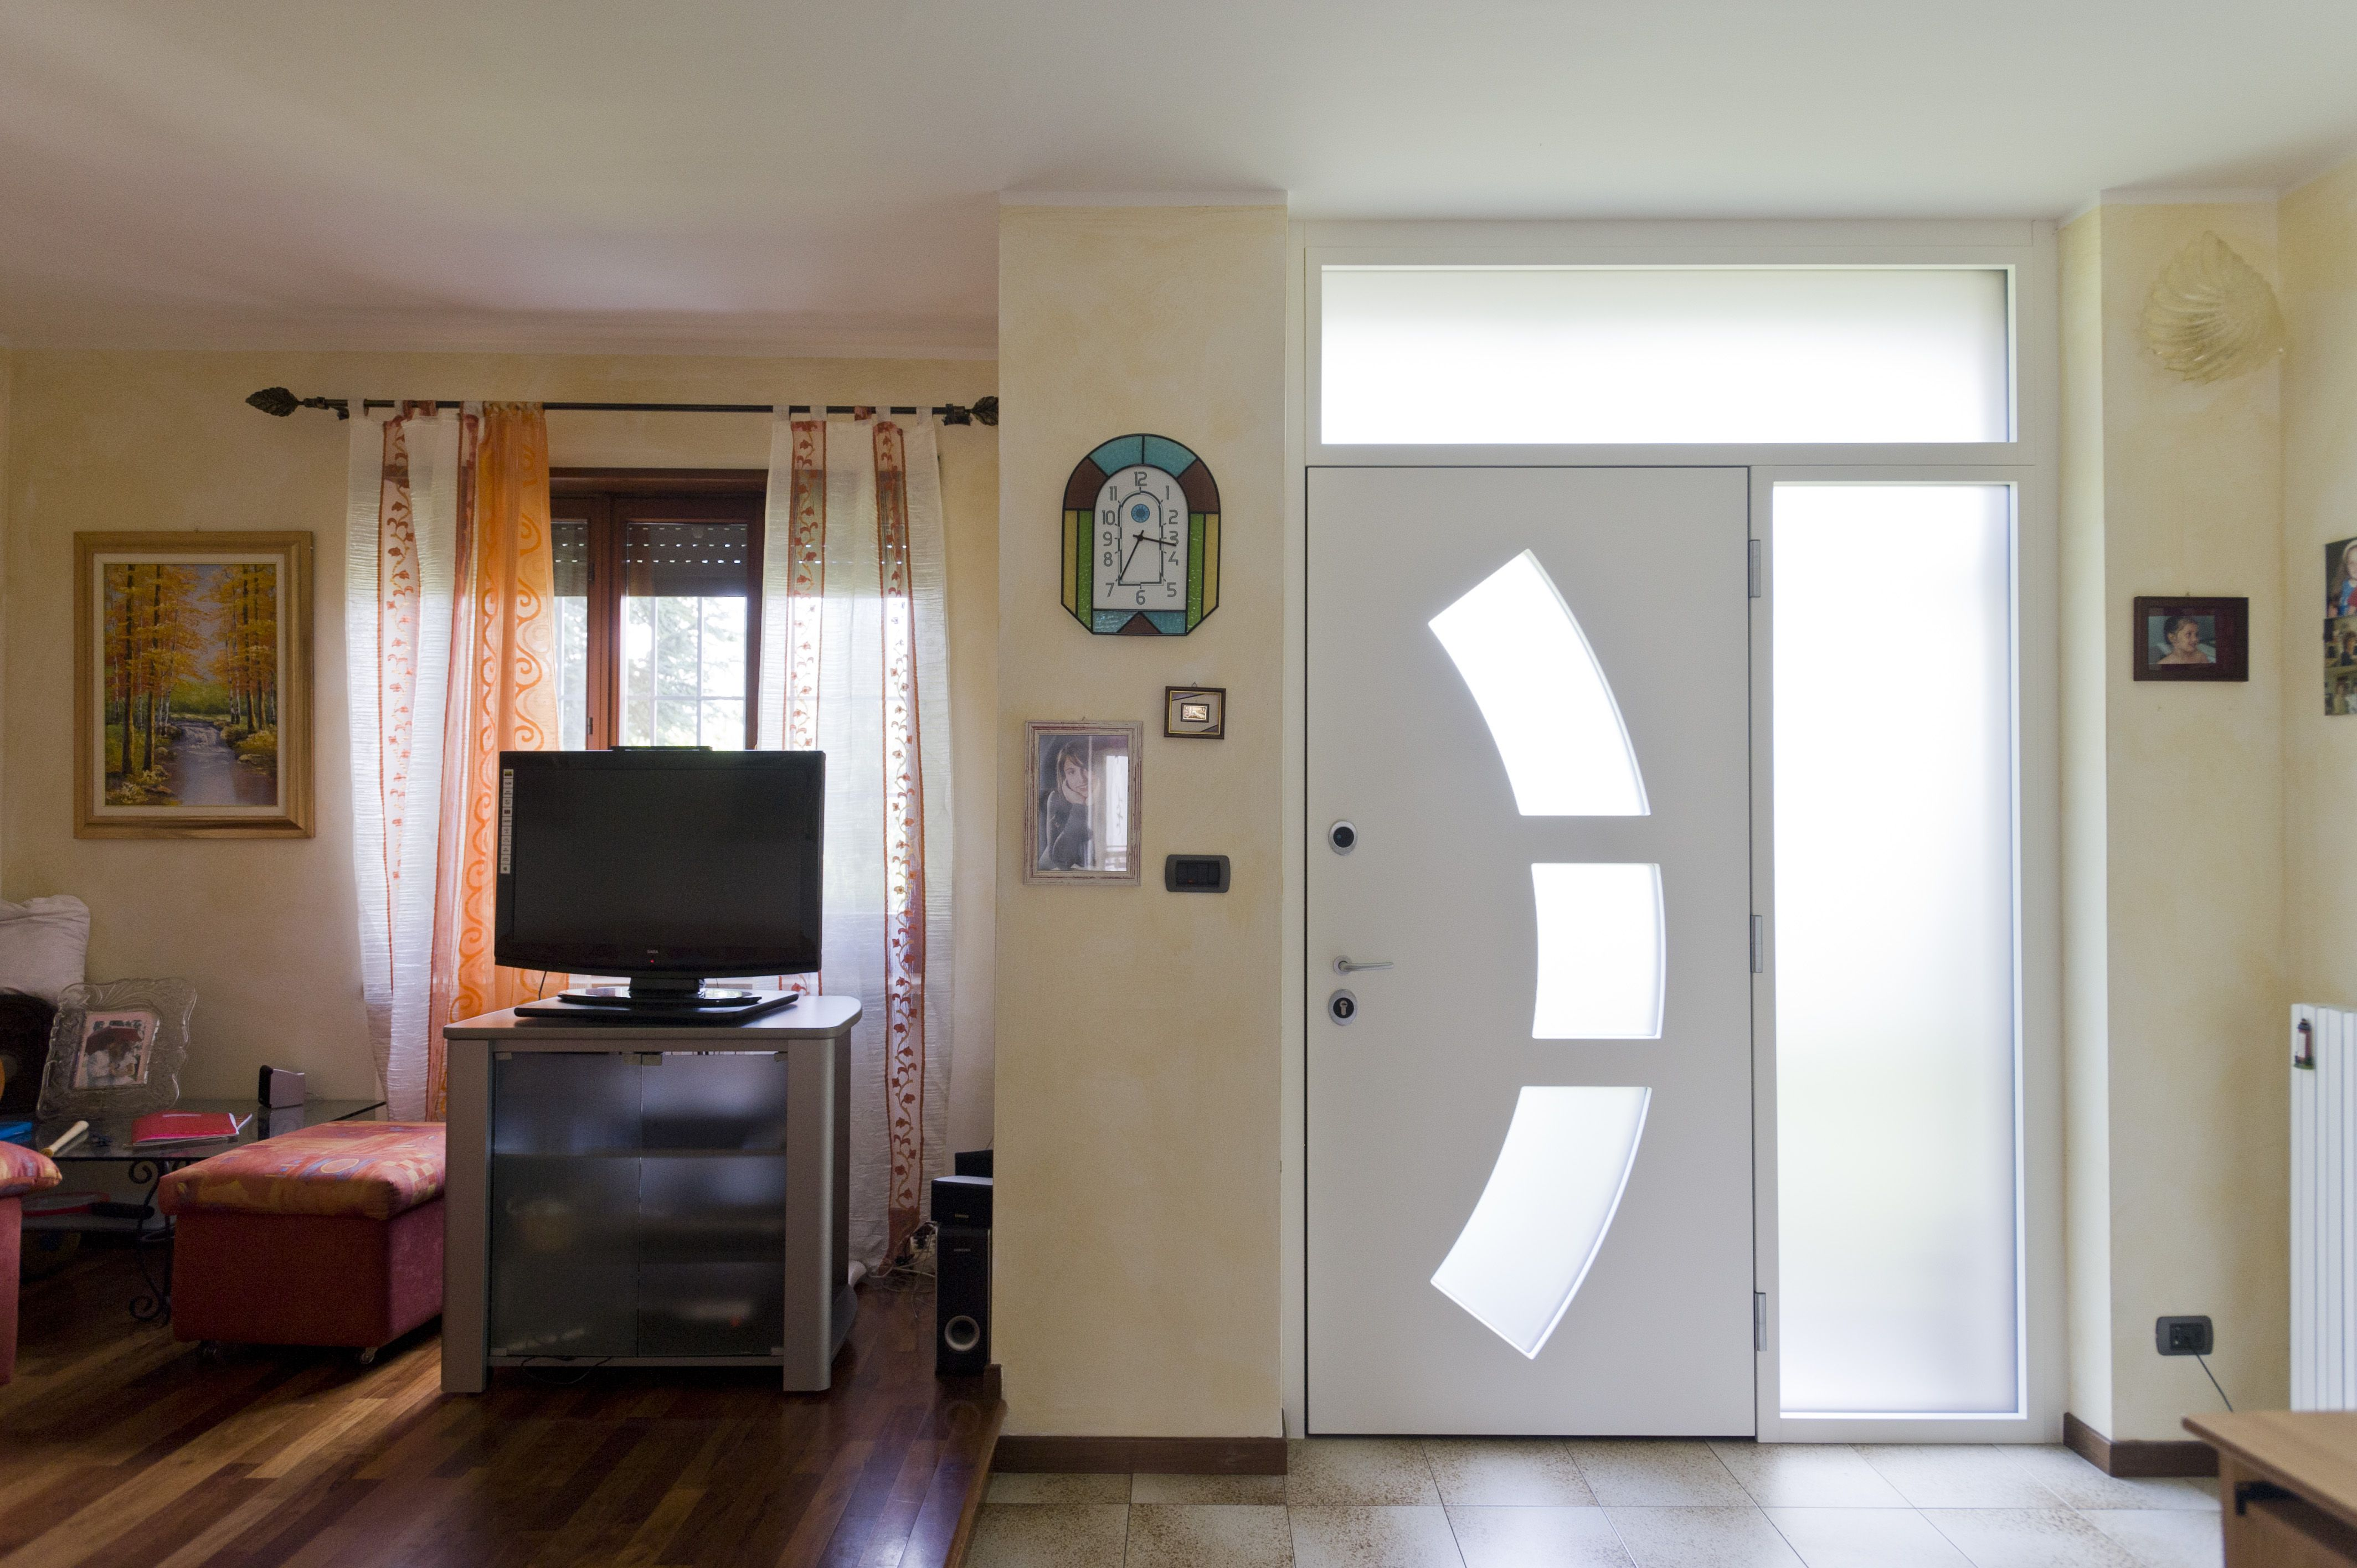 Security door with Strong glass | Security door, Home ...